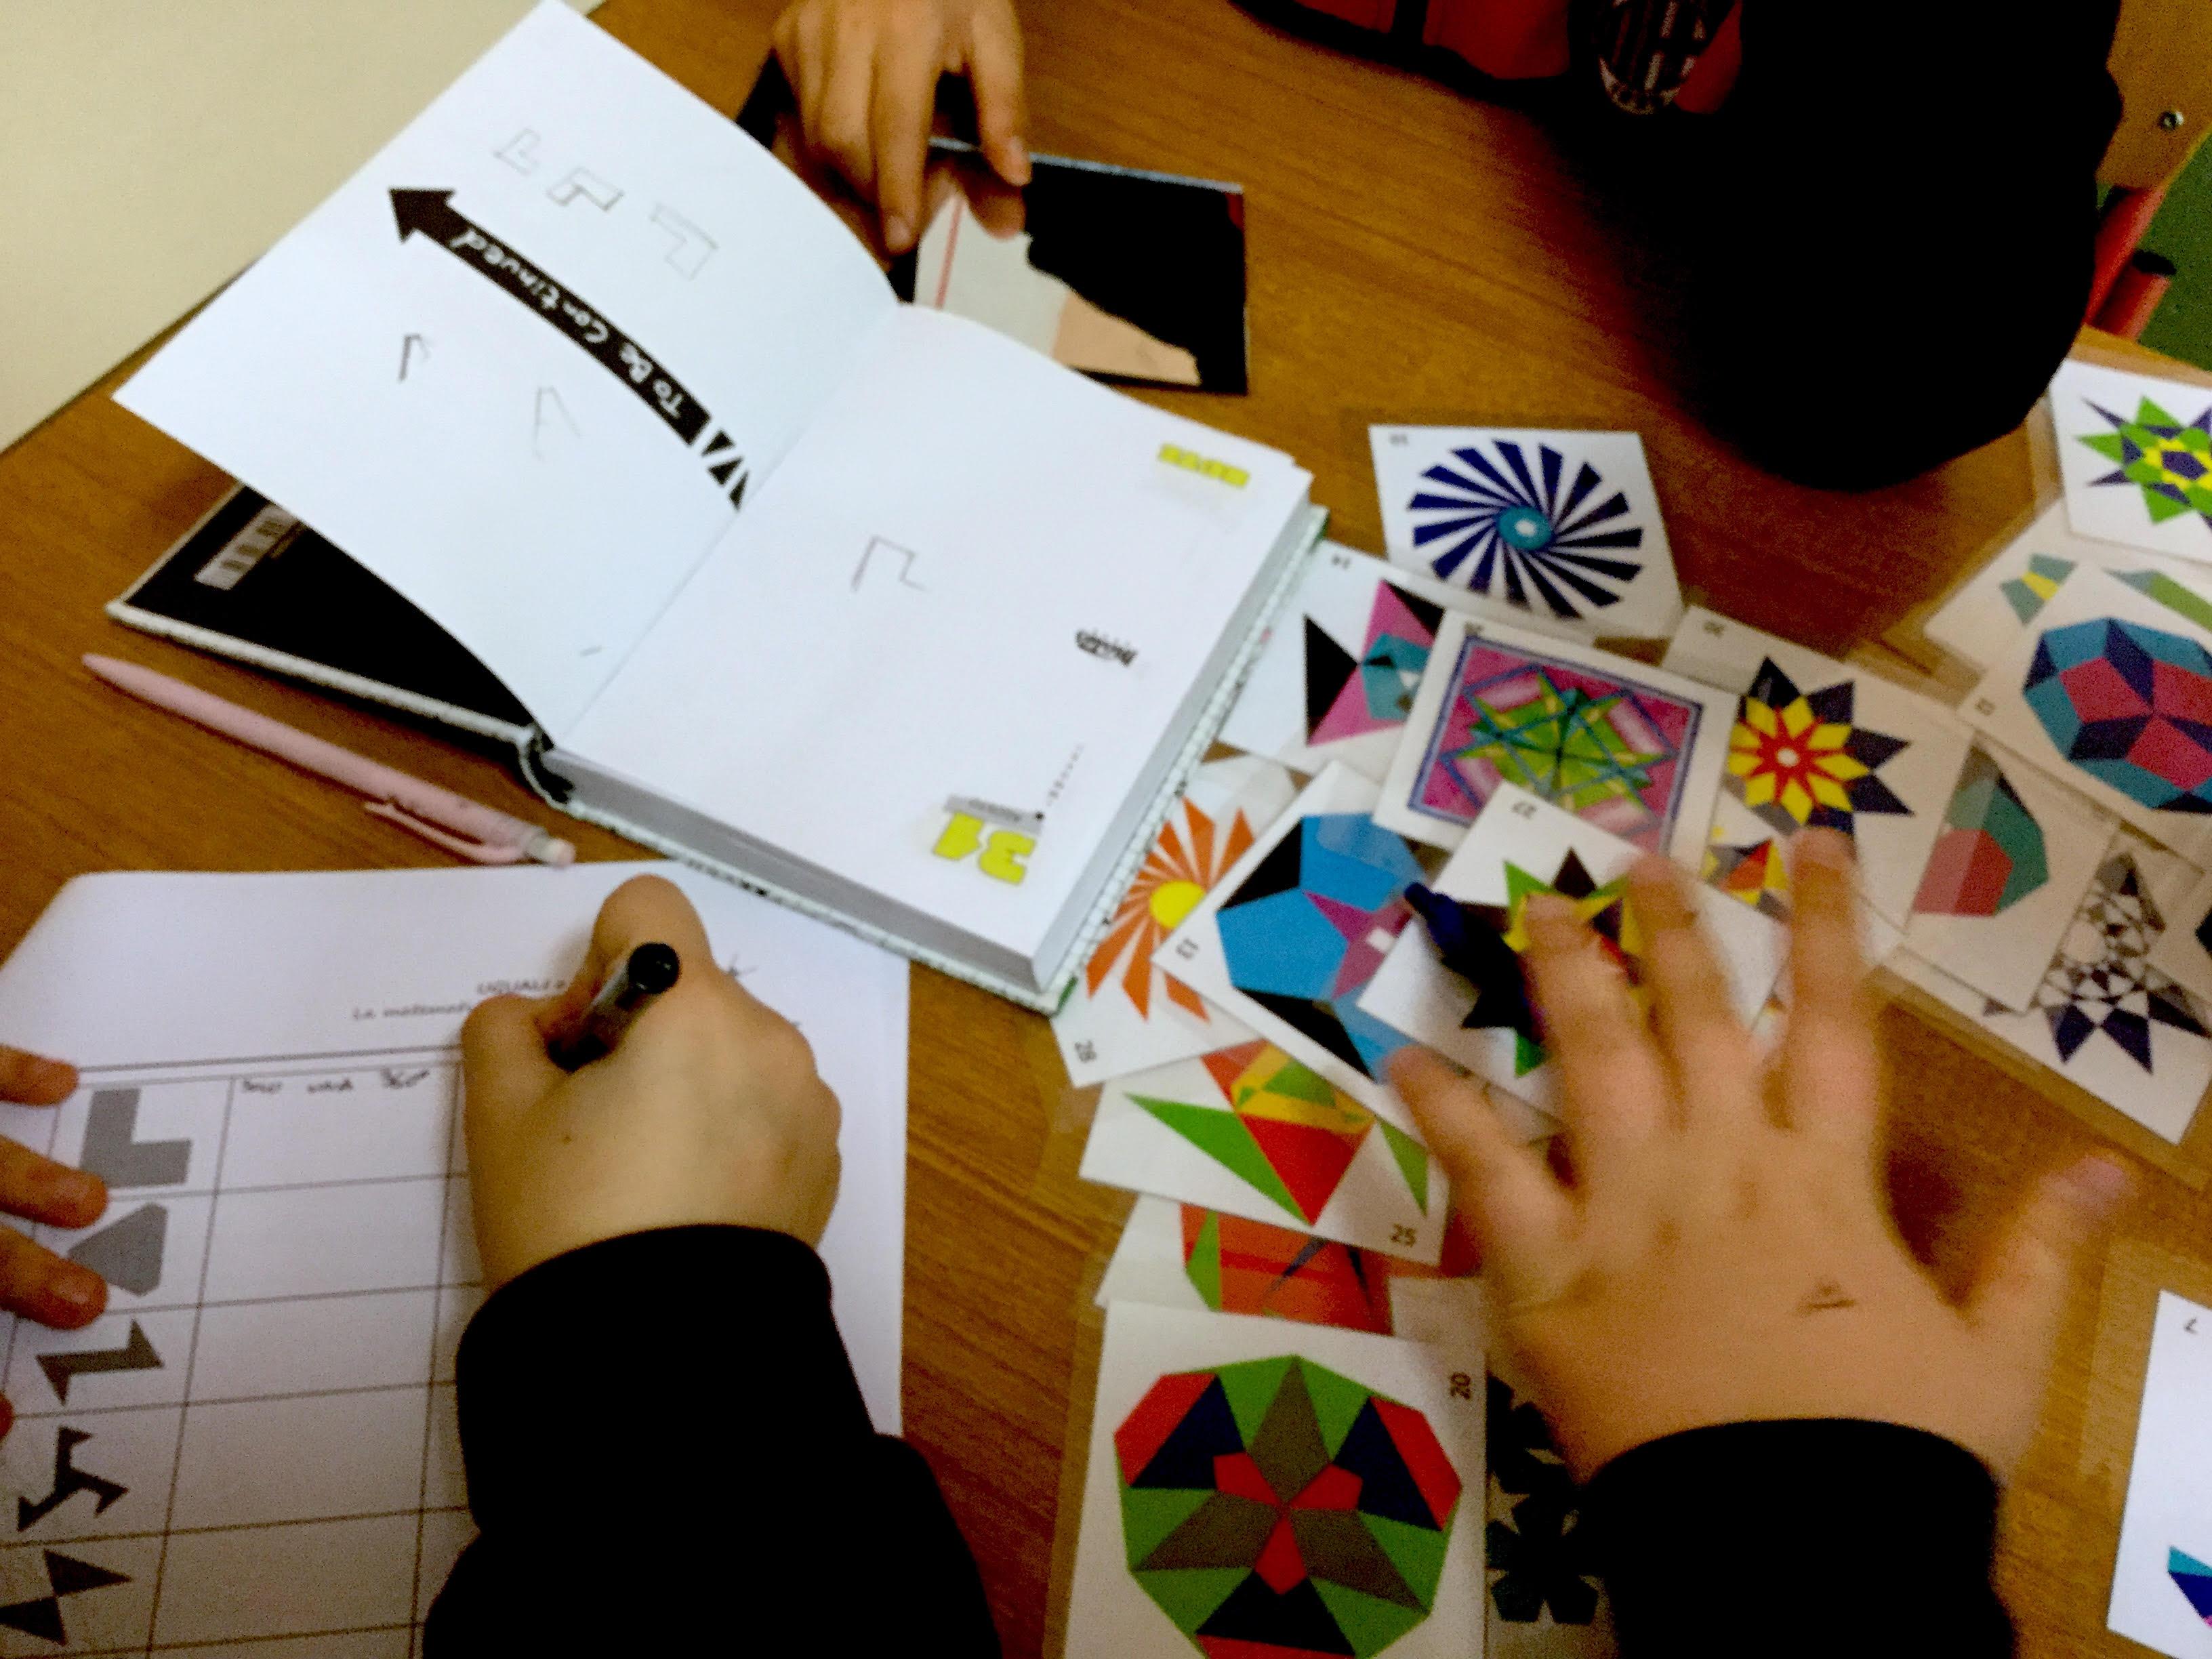 ragazzi che studiano la simmetria di alcune figure, per classificare i rosoni tra esse presenti